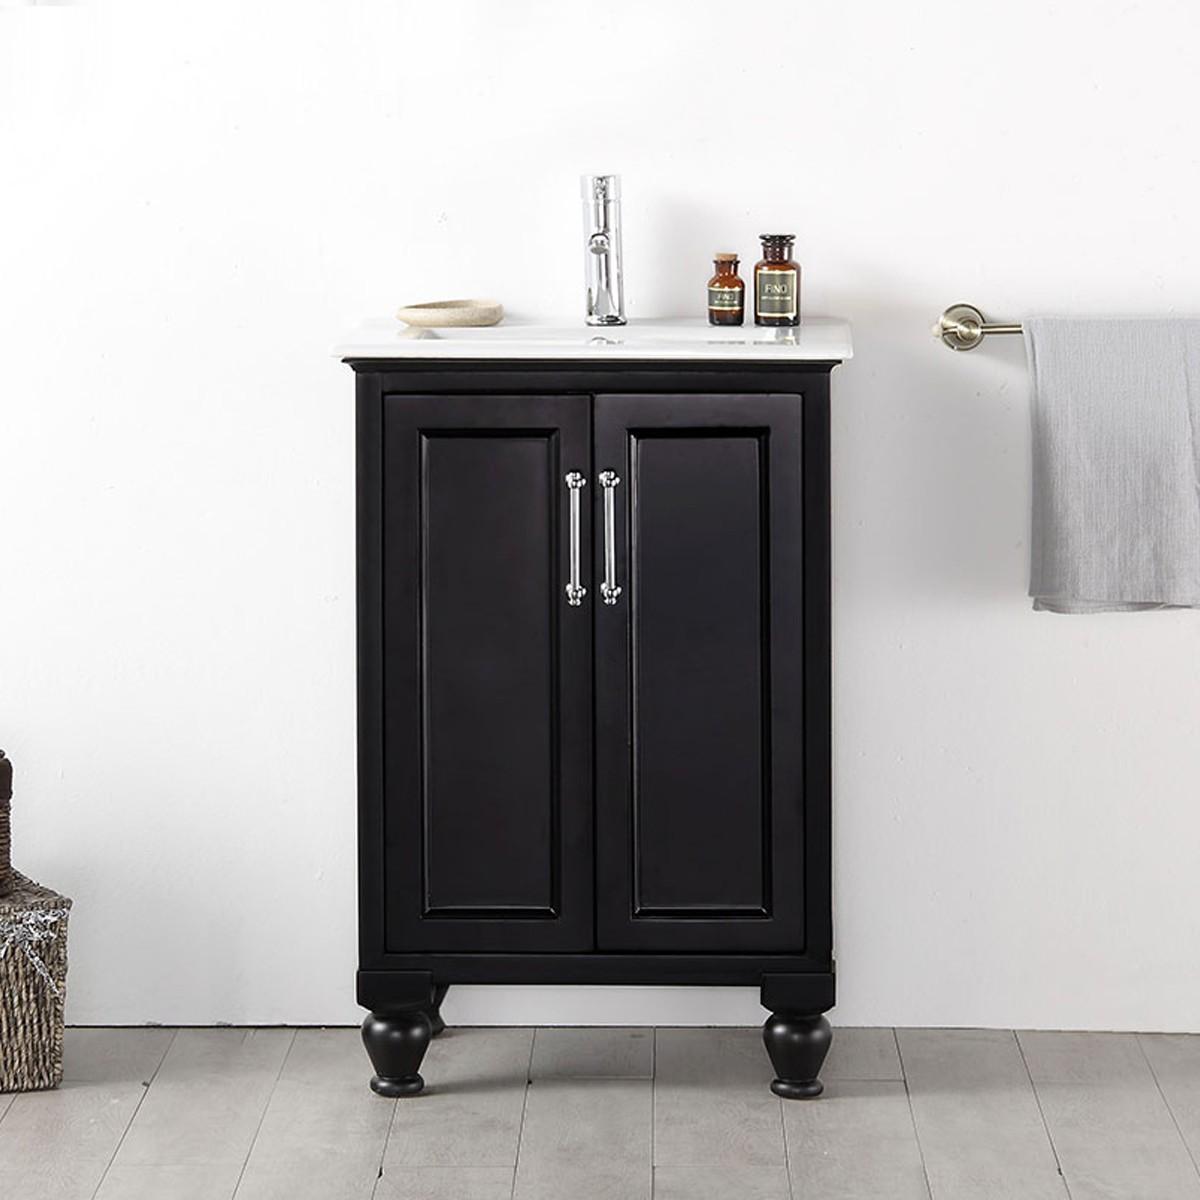 24 po Meuble Salle de Bain Vanité Sur Pieds  Lavabo Simple DK 6524